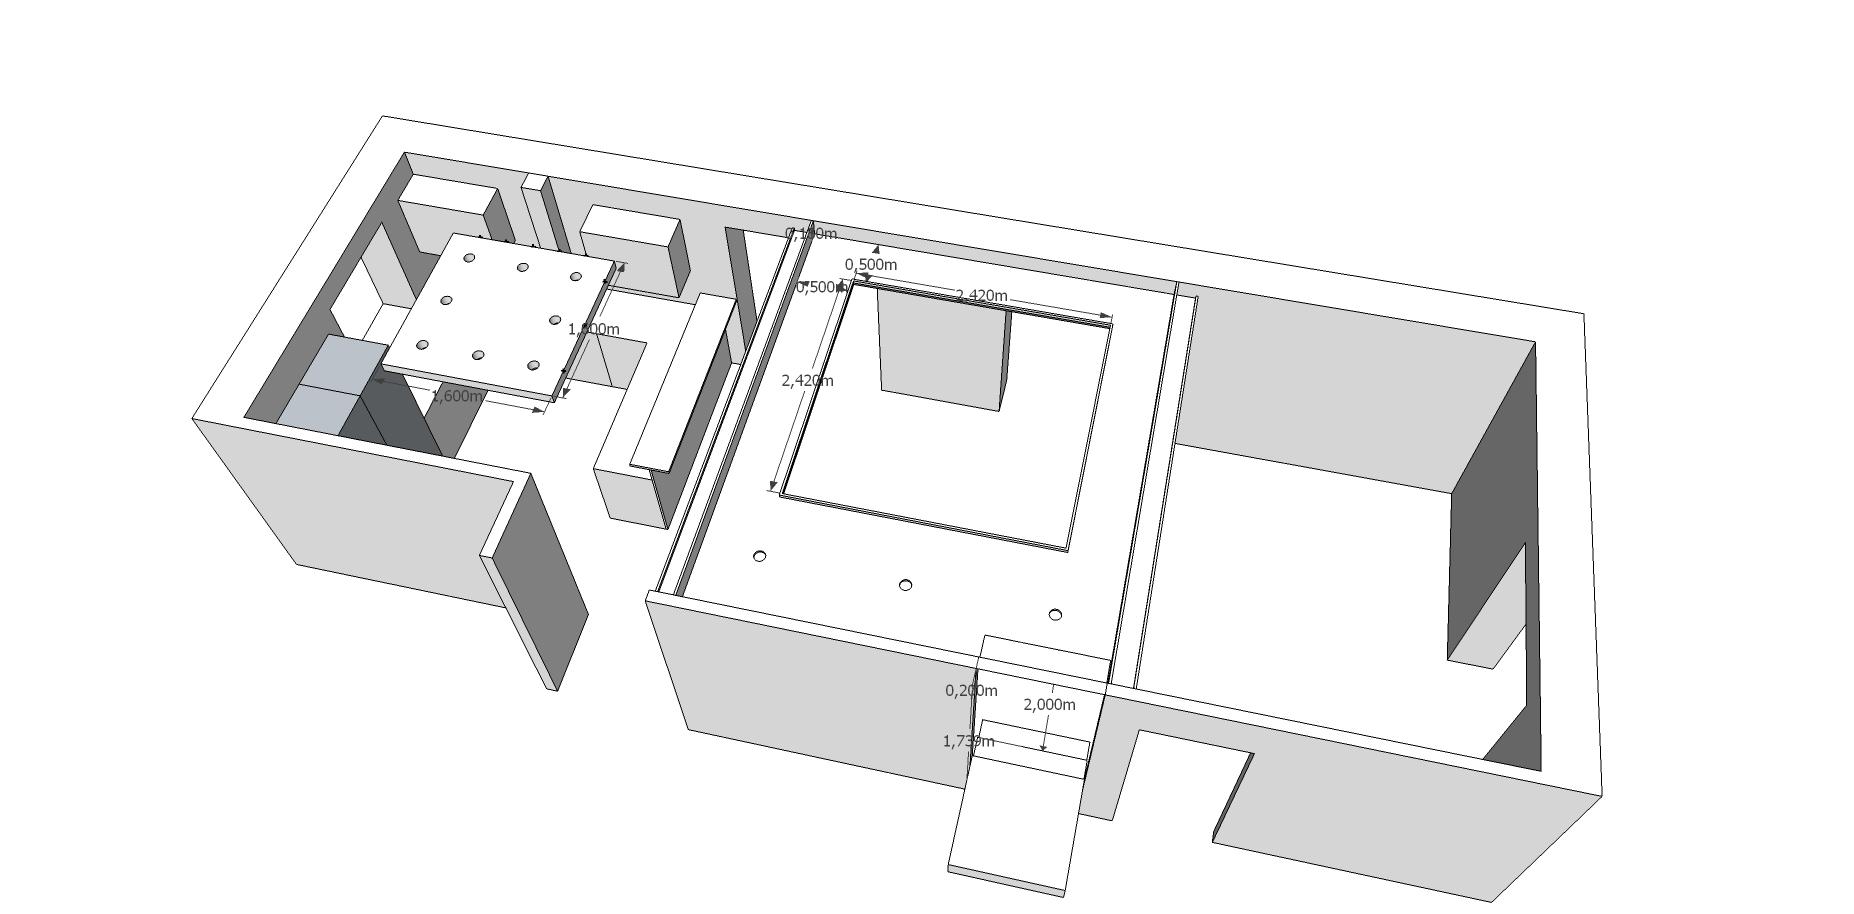 Konzept abgehängte Decke v0.2 - Nun mit symmetrischem Viereck